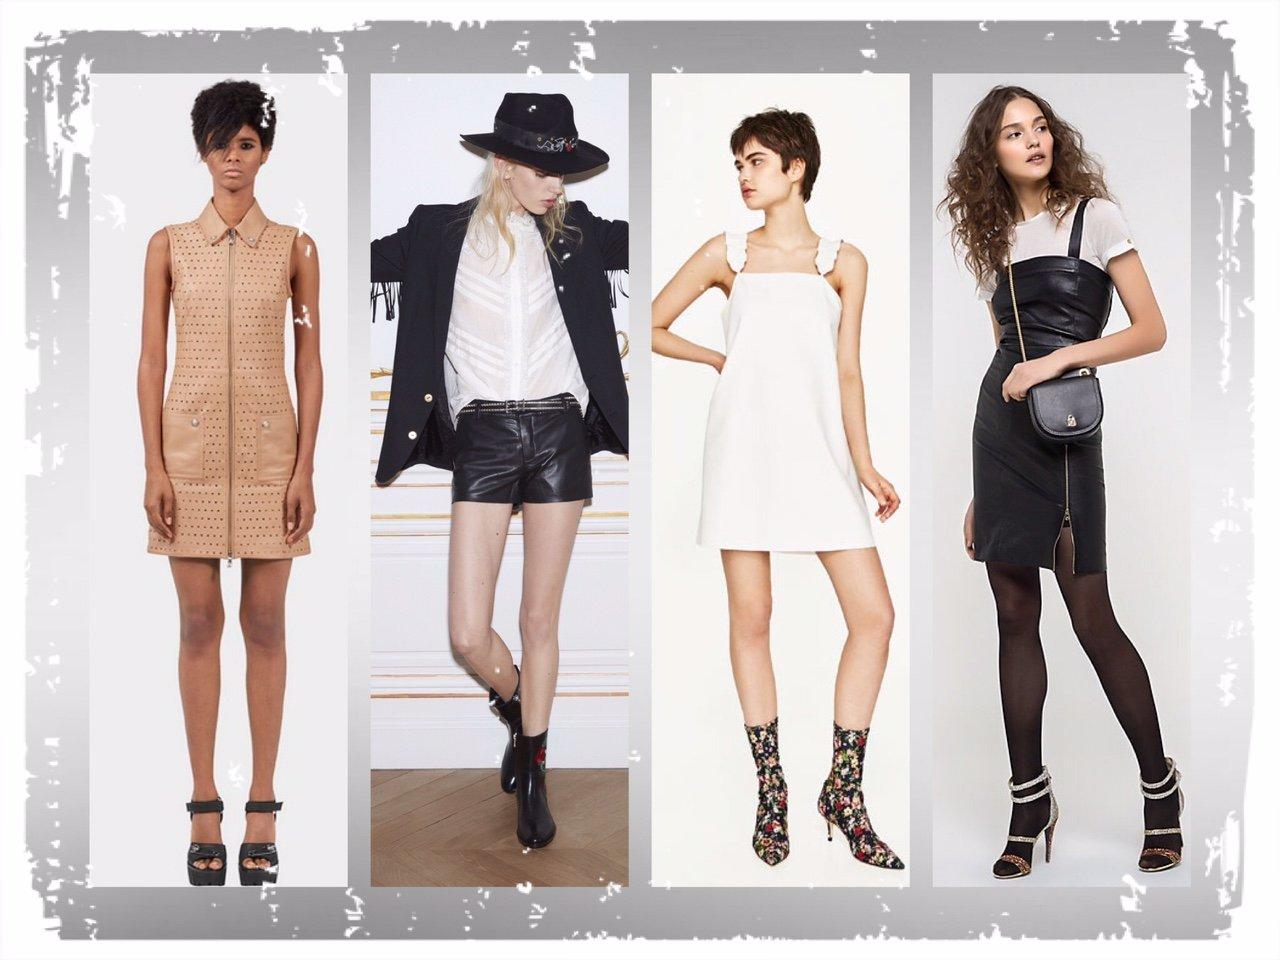 Tendenze moda primavera estate: la pelle in tutte le sue espressioni